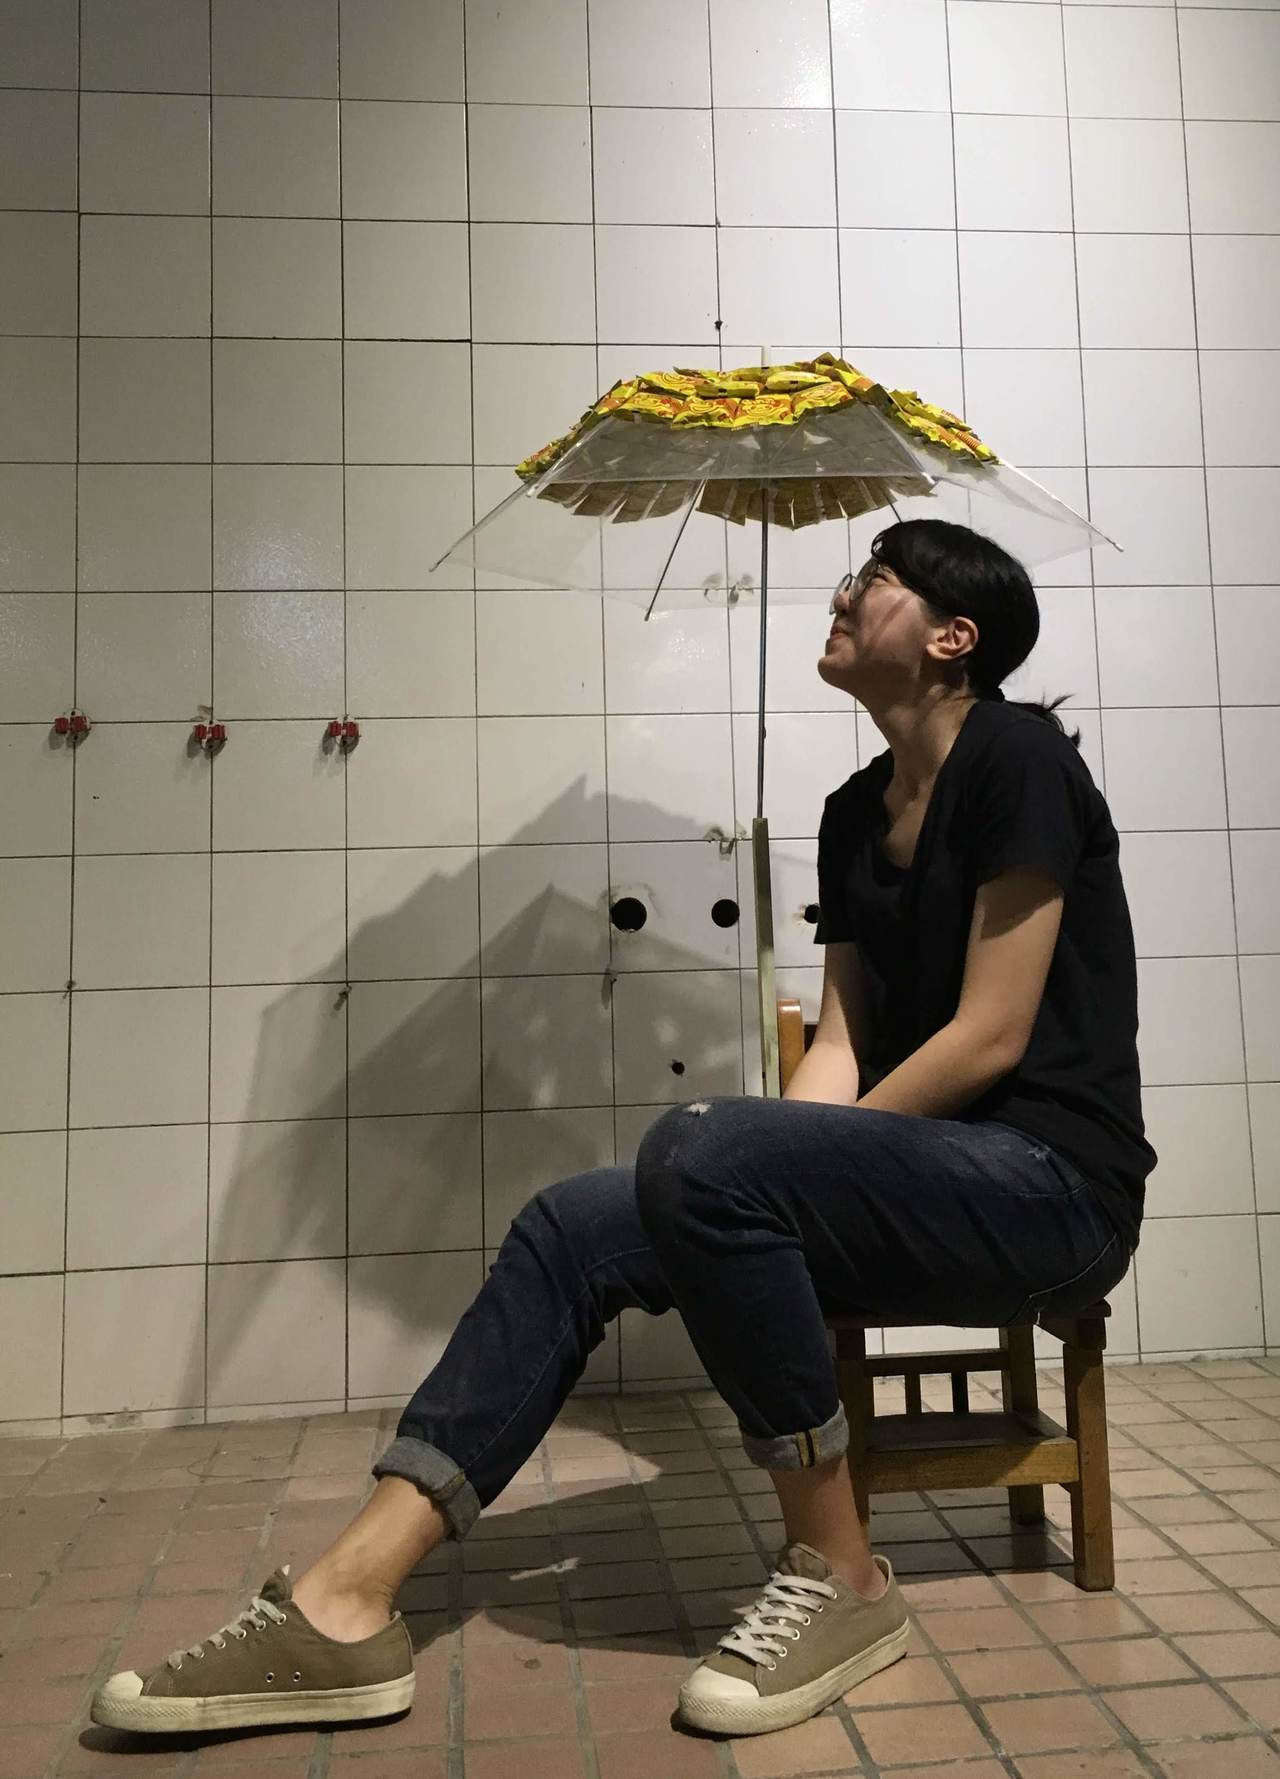 中山大學舉辦「舊物再生設計培力工作坊」,將國小報廢淘汰的課桌椅大變身。圖/中山大...